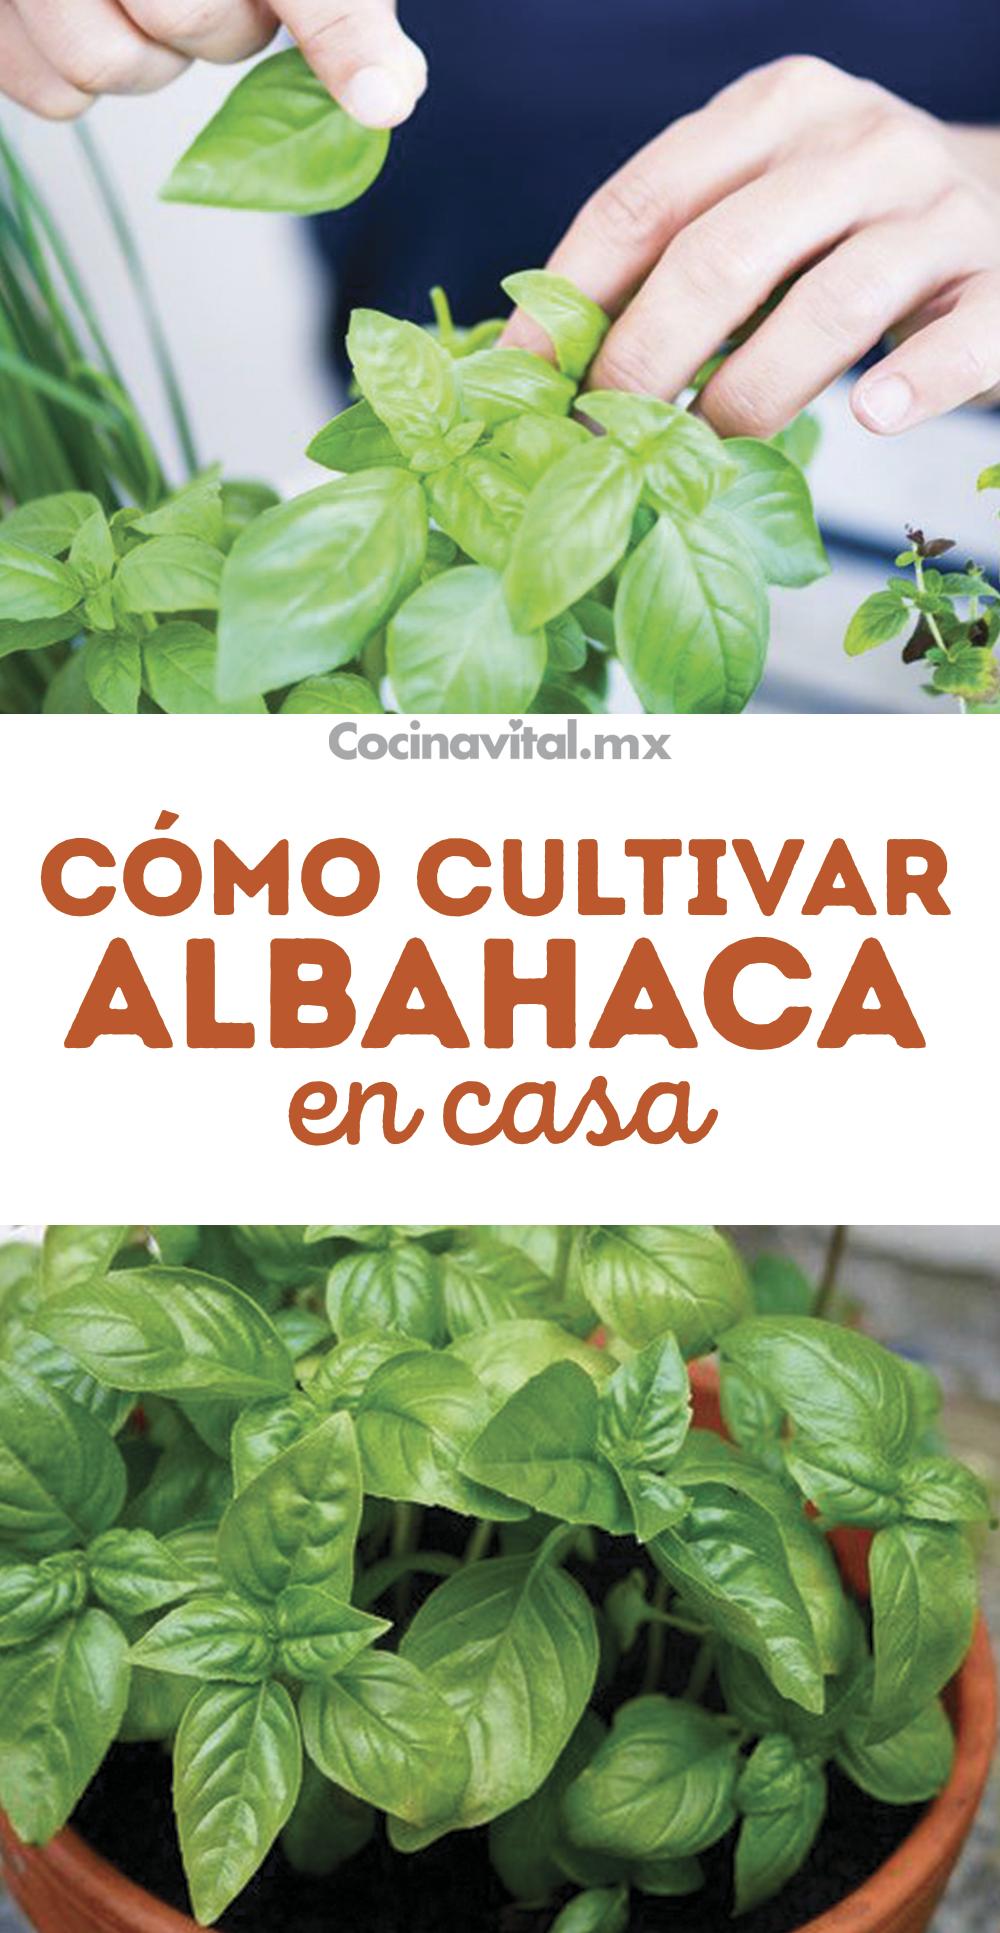 Cómo cultivar albahaca sin semilla en macetas